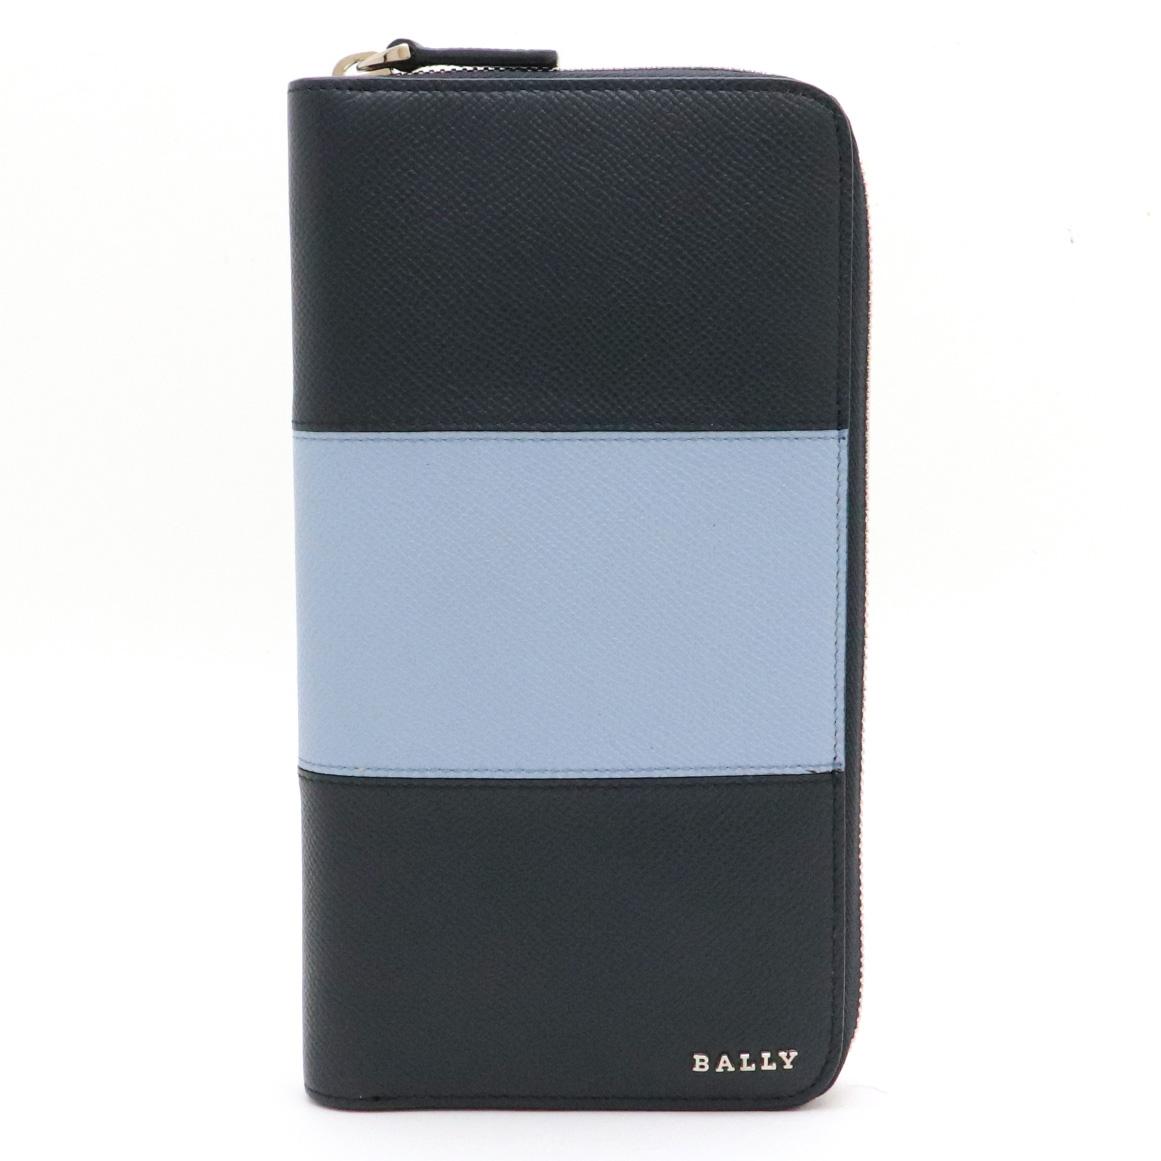 【新品未使用品】【財布】BALLY バリー オーガナイザー ラウンドファスナー 長財布 レザー ネイビー ライトブルー